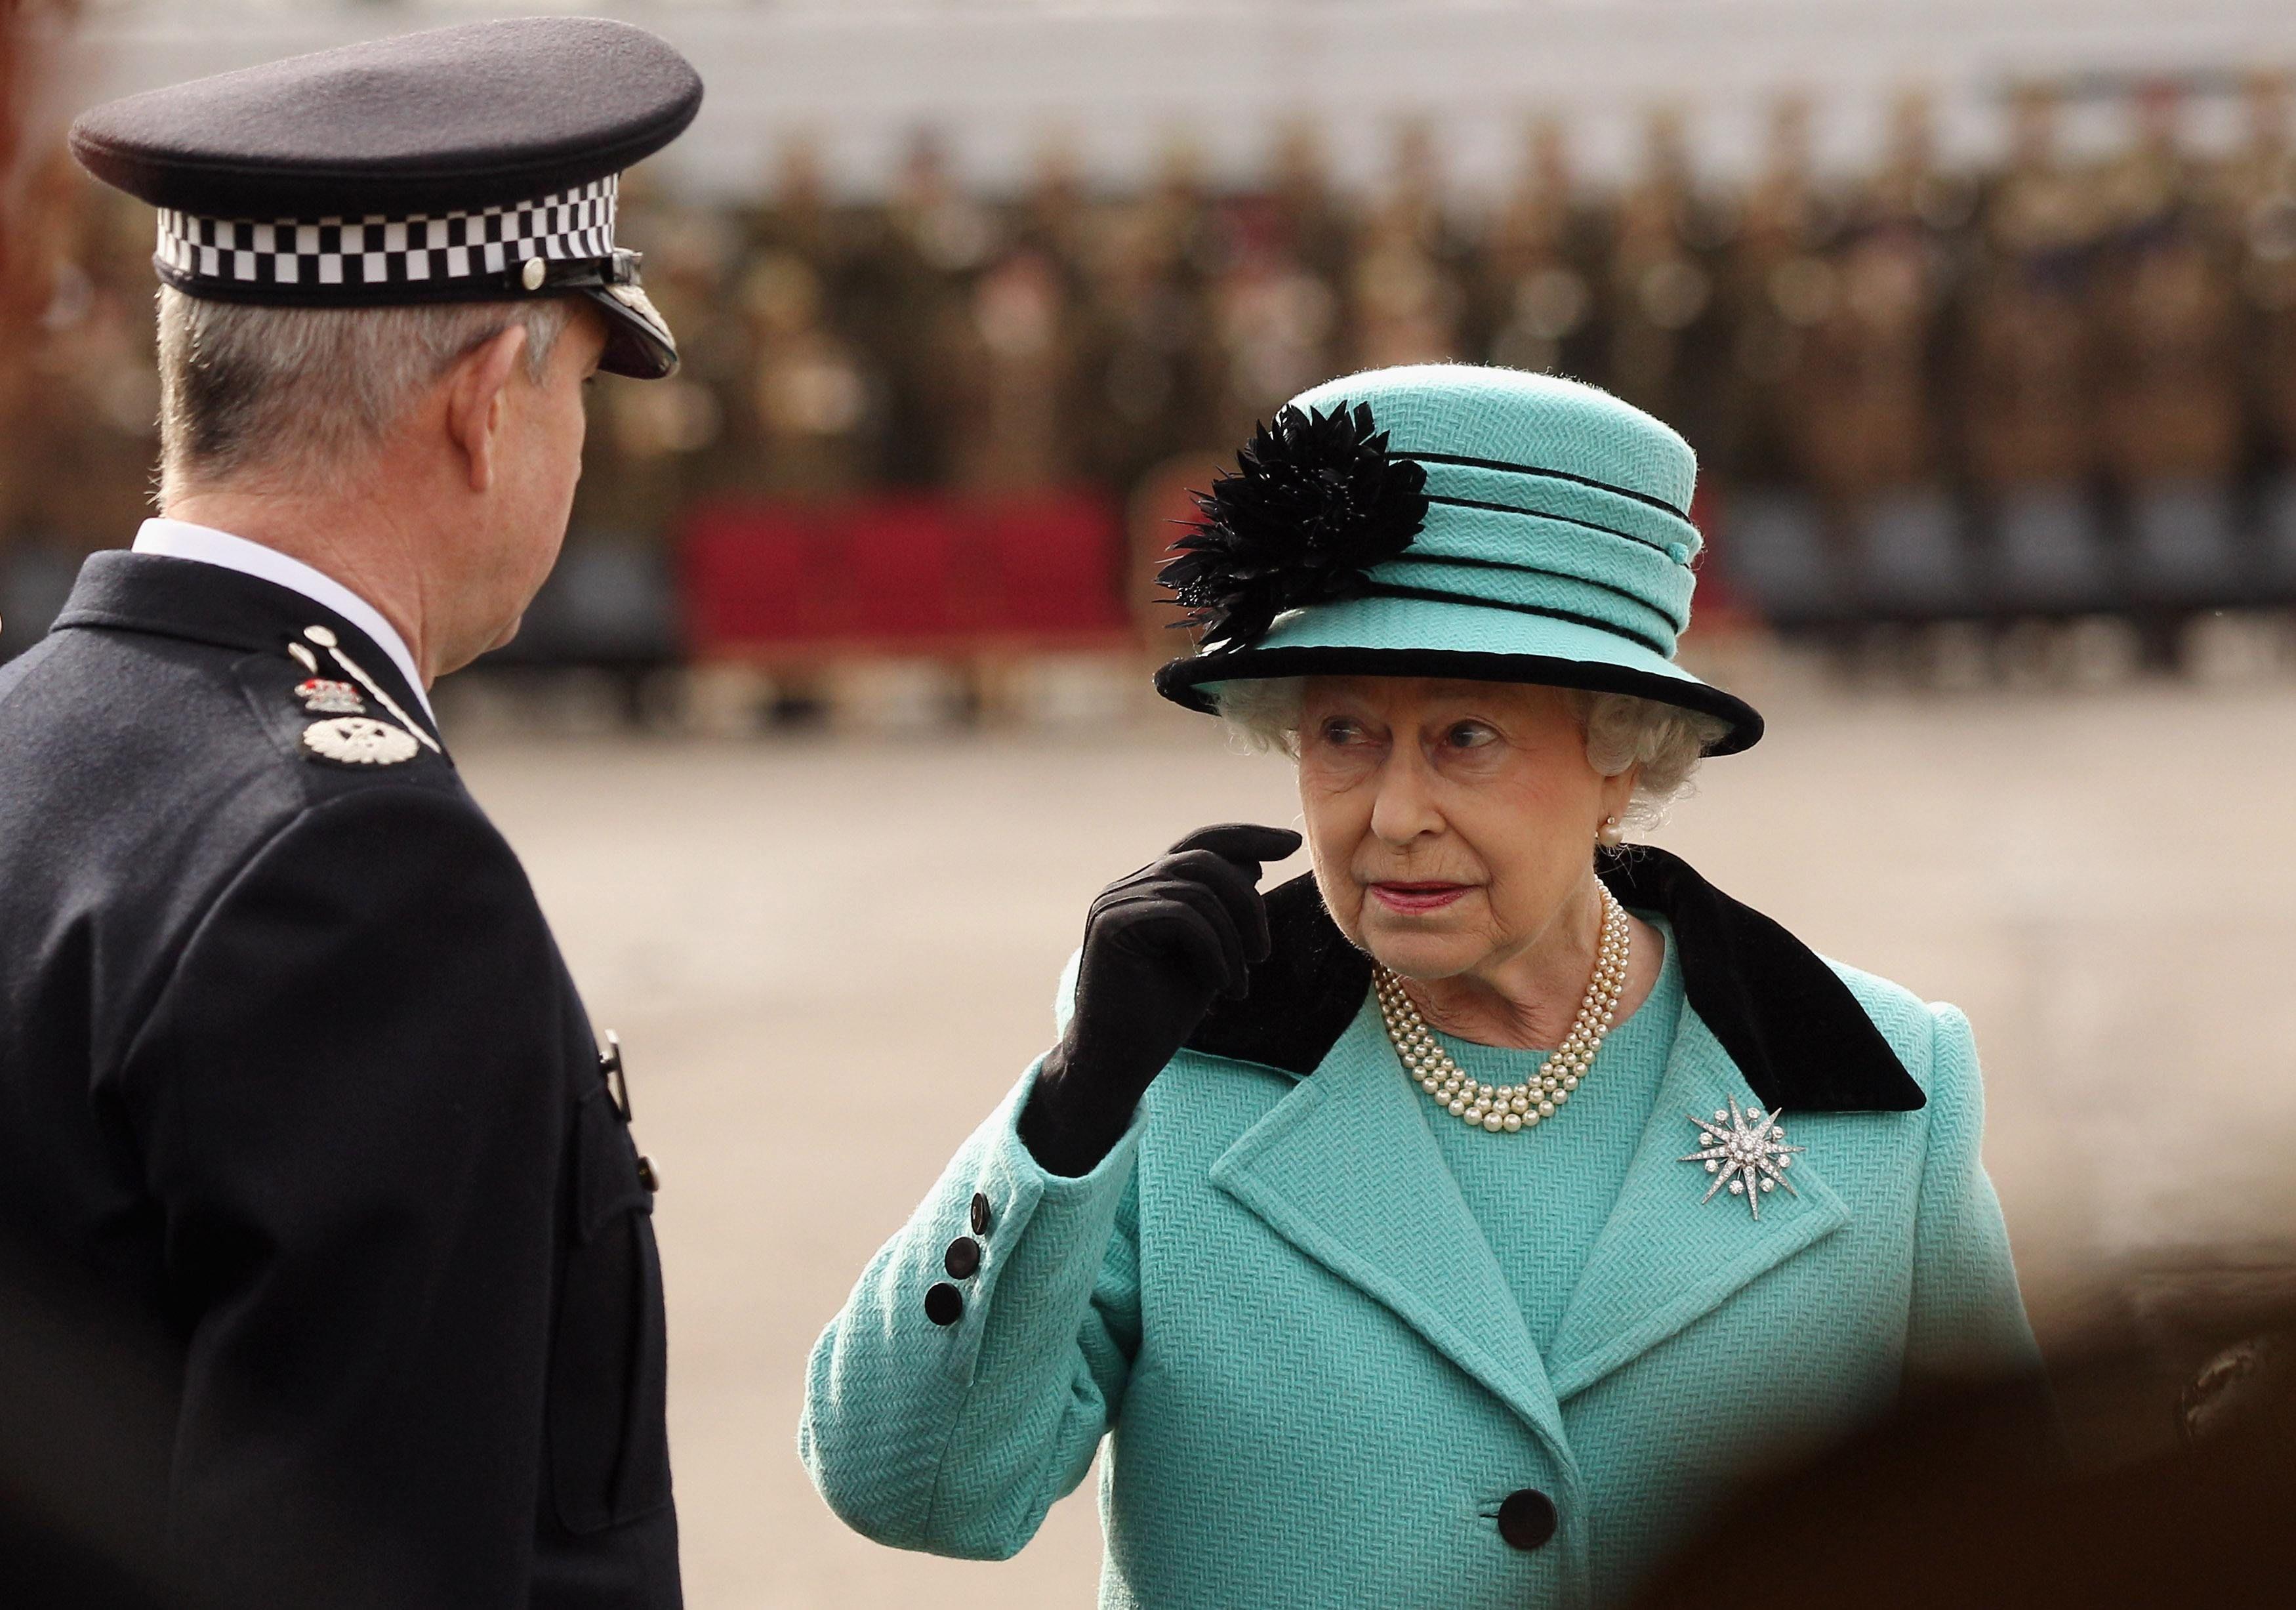 La reine Elizabeth II va-t-elle abdiquer cette année ?